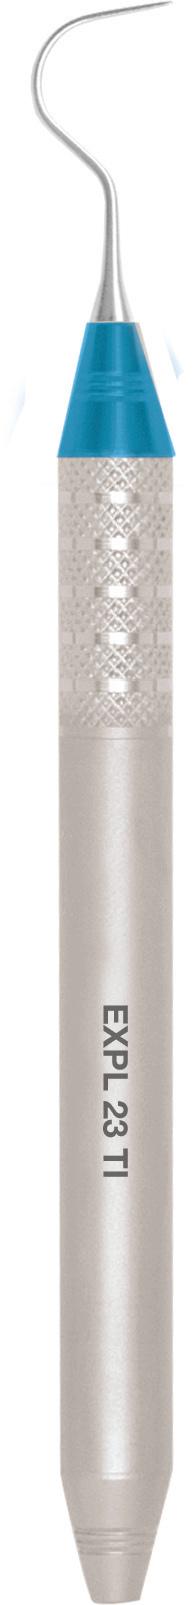 Titanium implant exploer   expl 23 ti xlarge